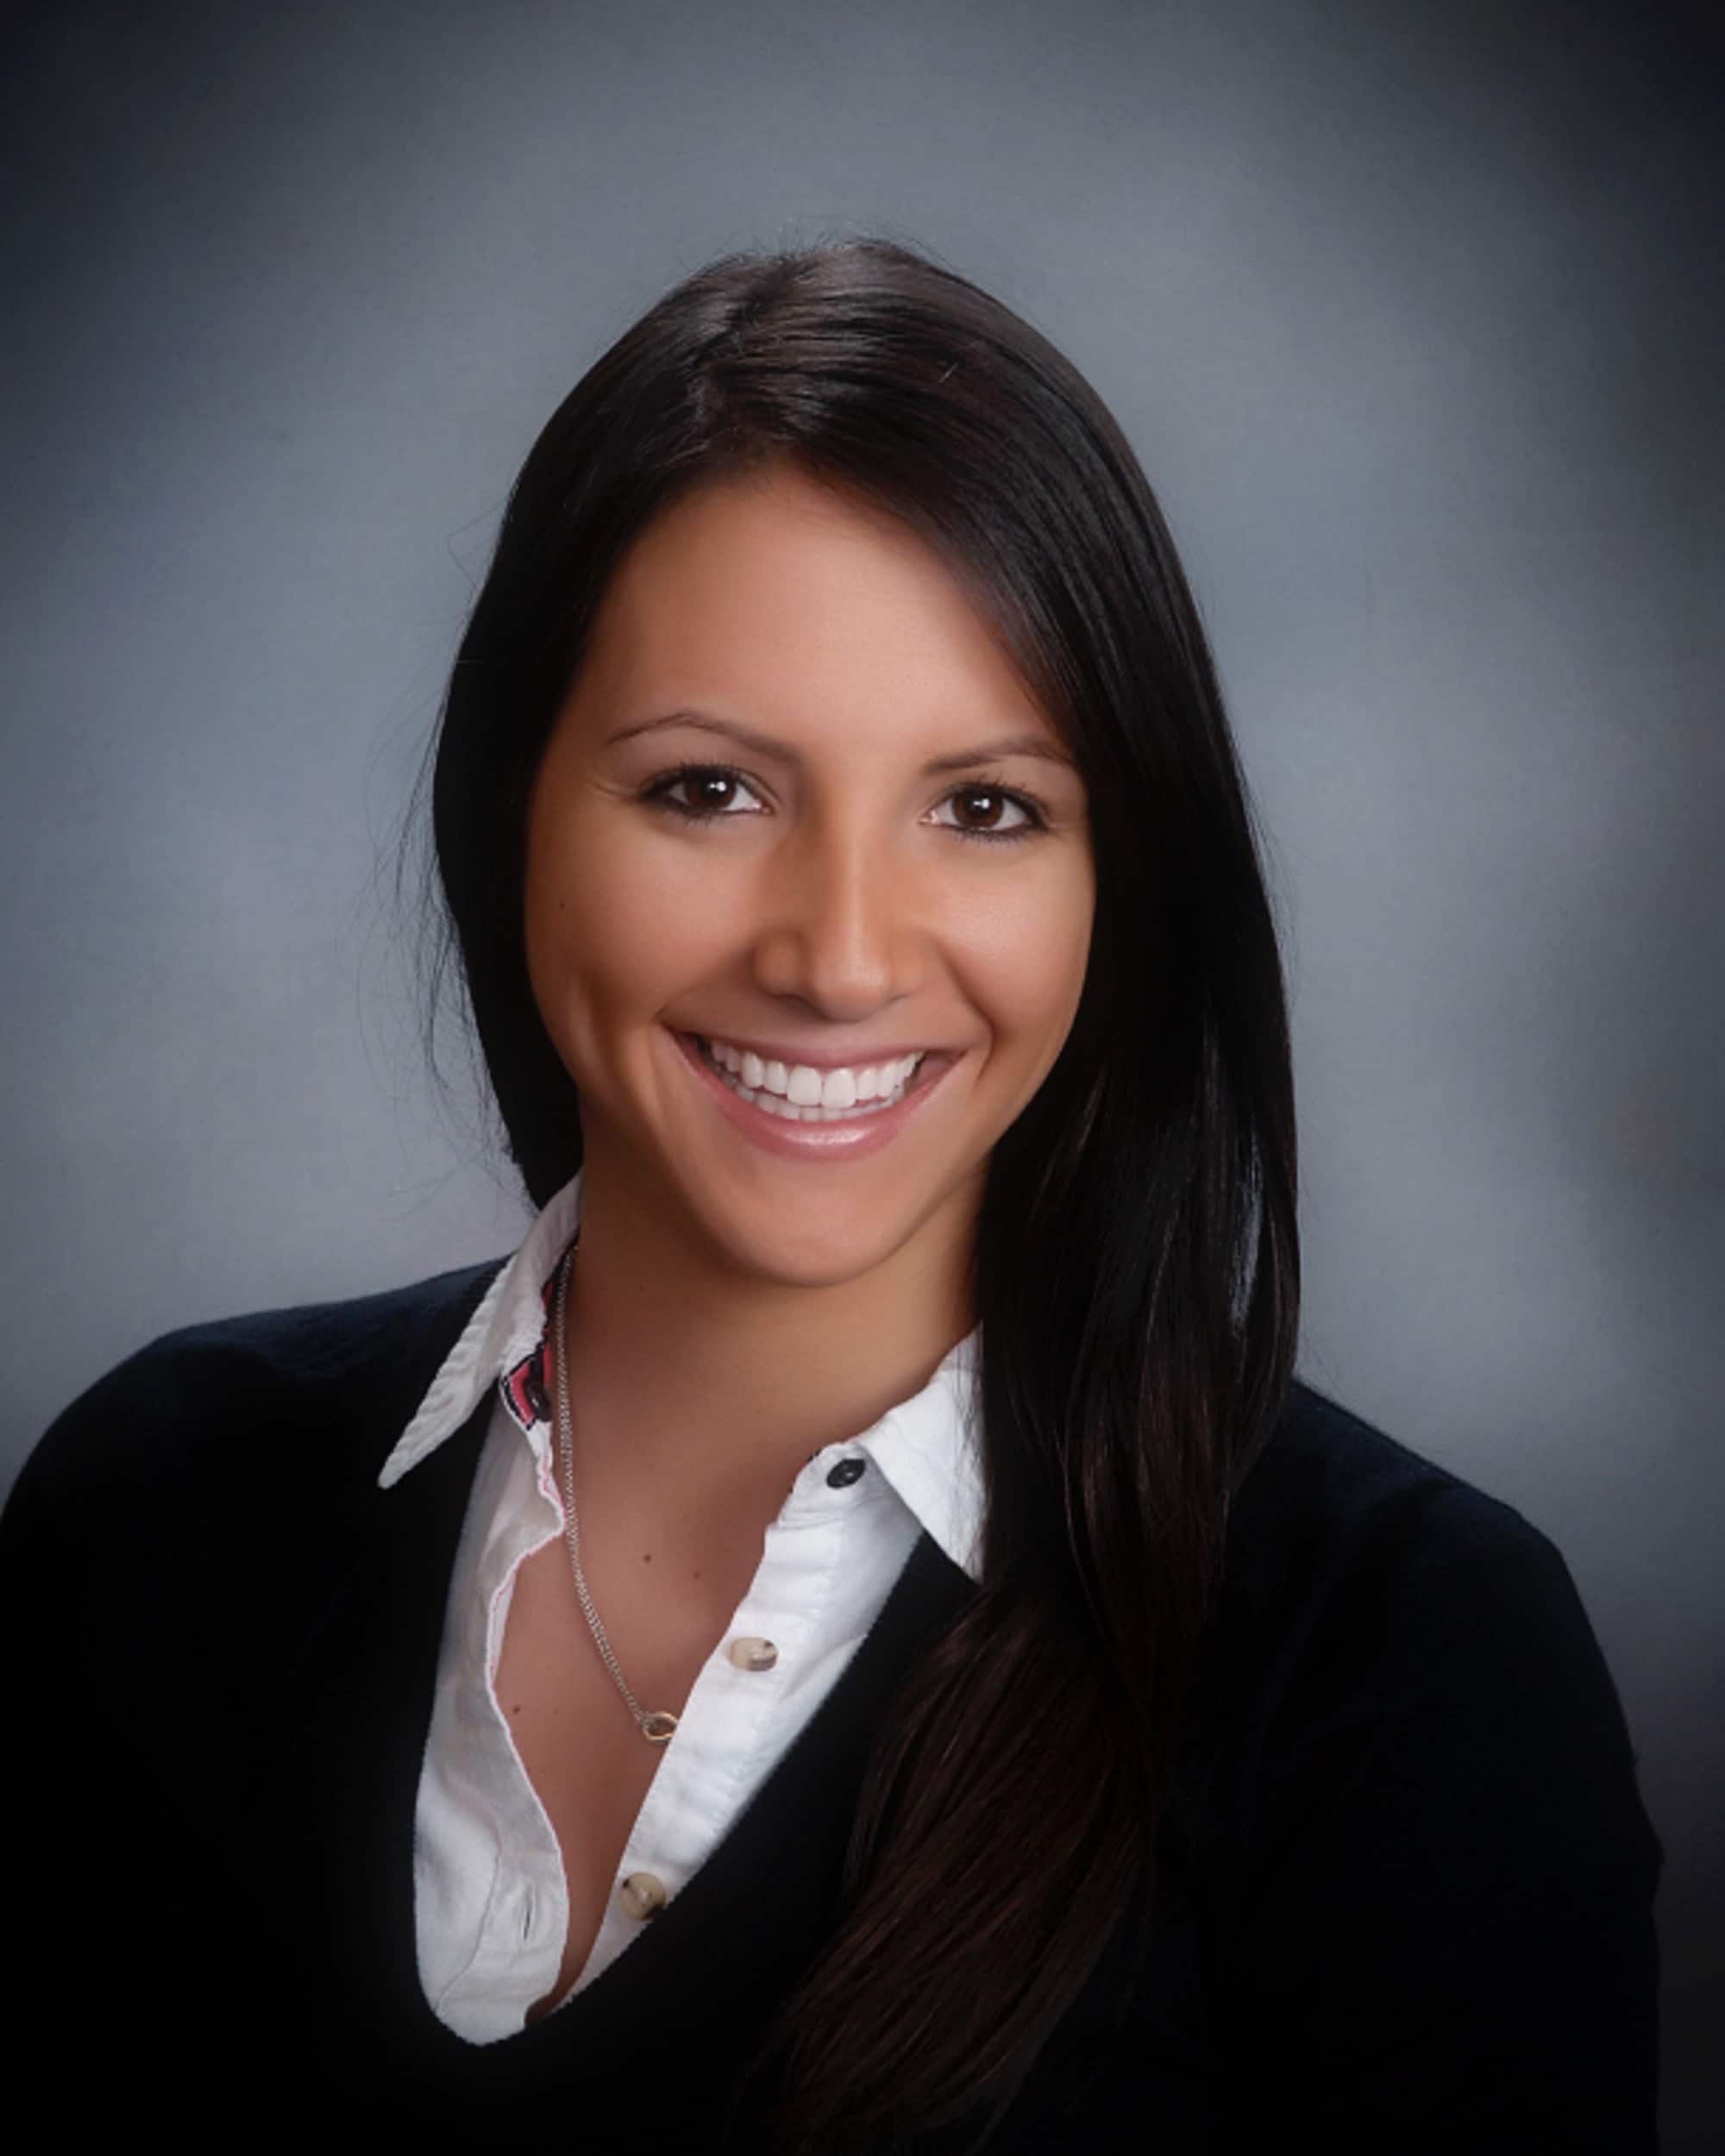 Jessica Kocan